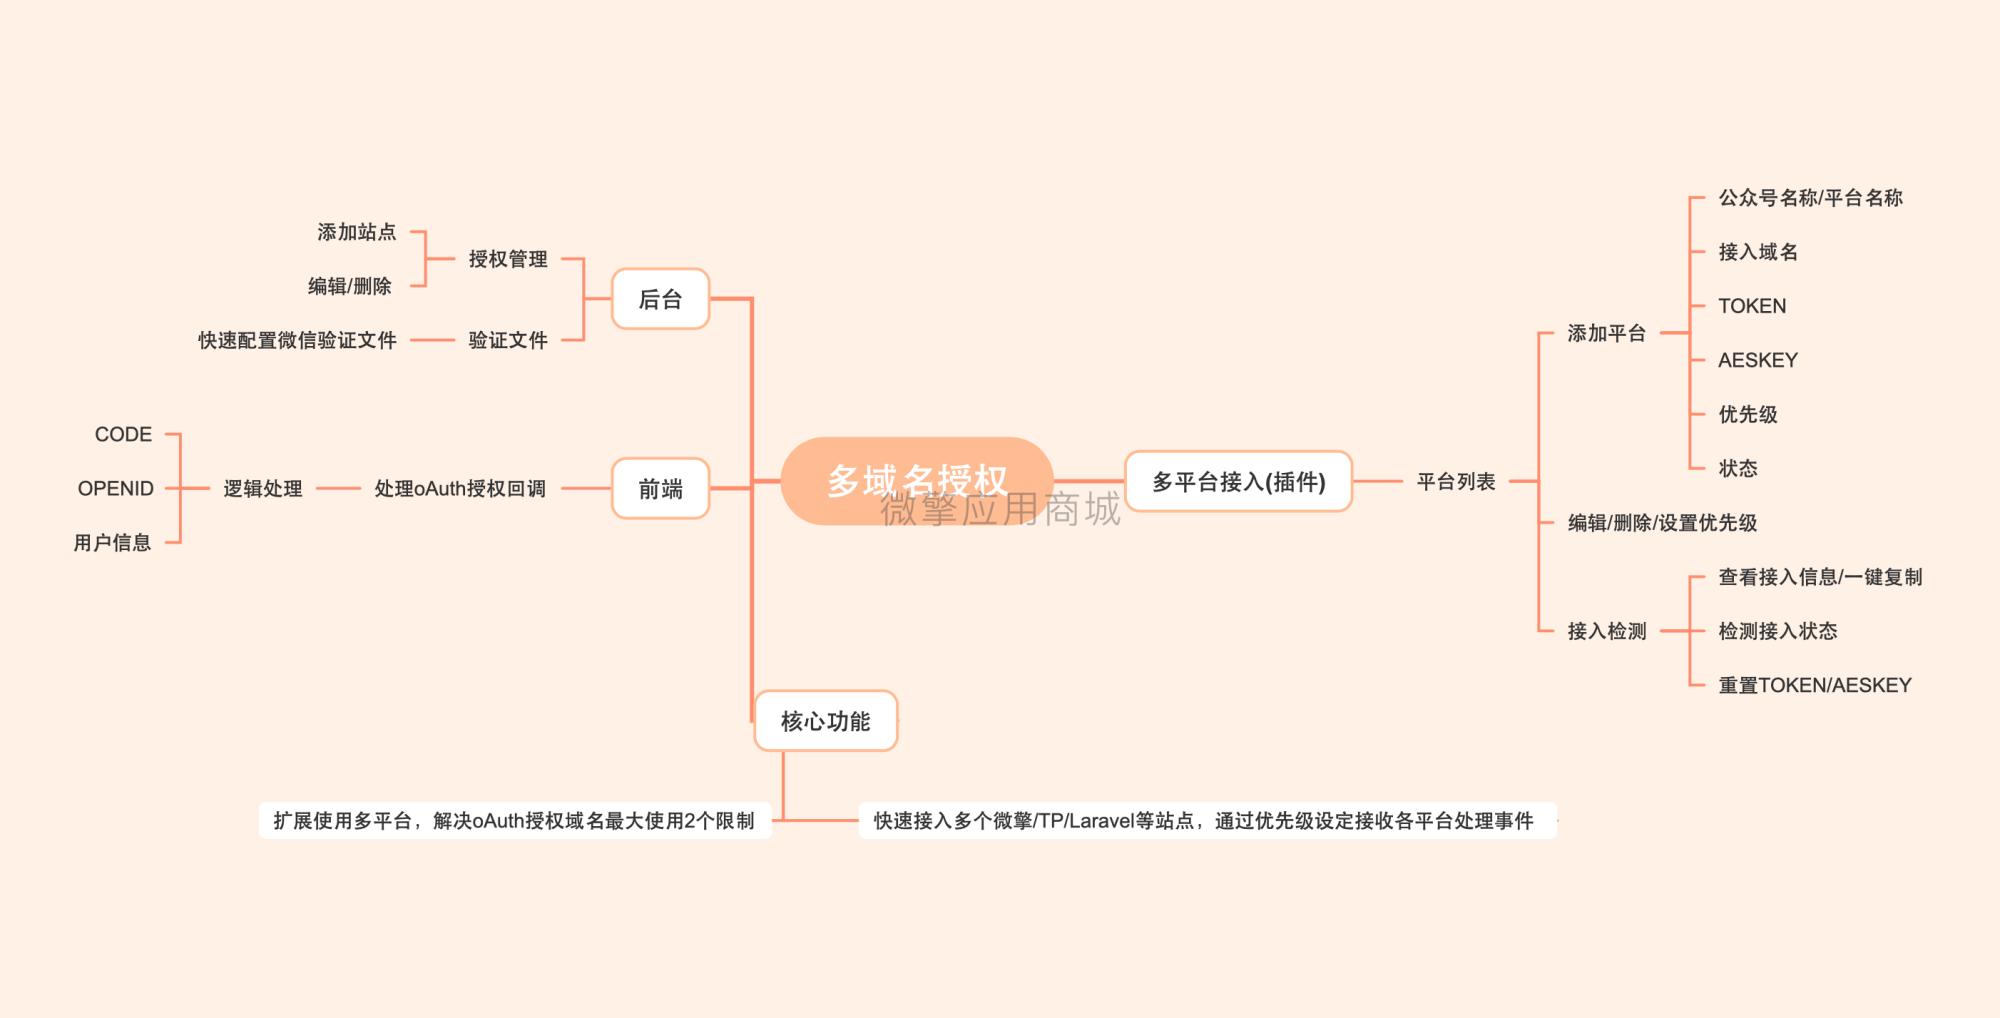 【公众号应用】多域名授权V1.2.2,完善多落地域名回调 公众号应用 第5张